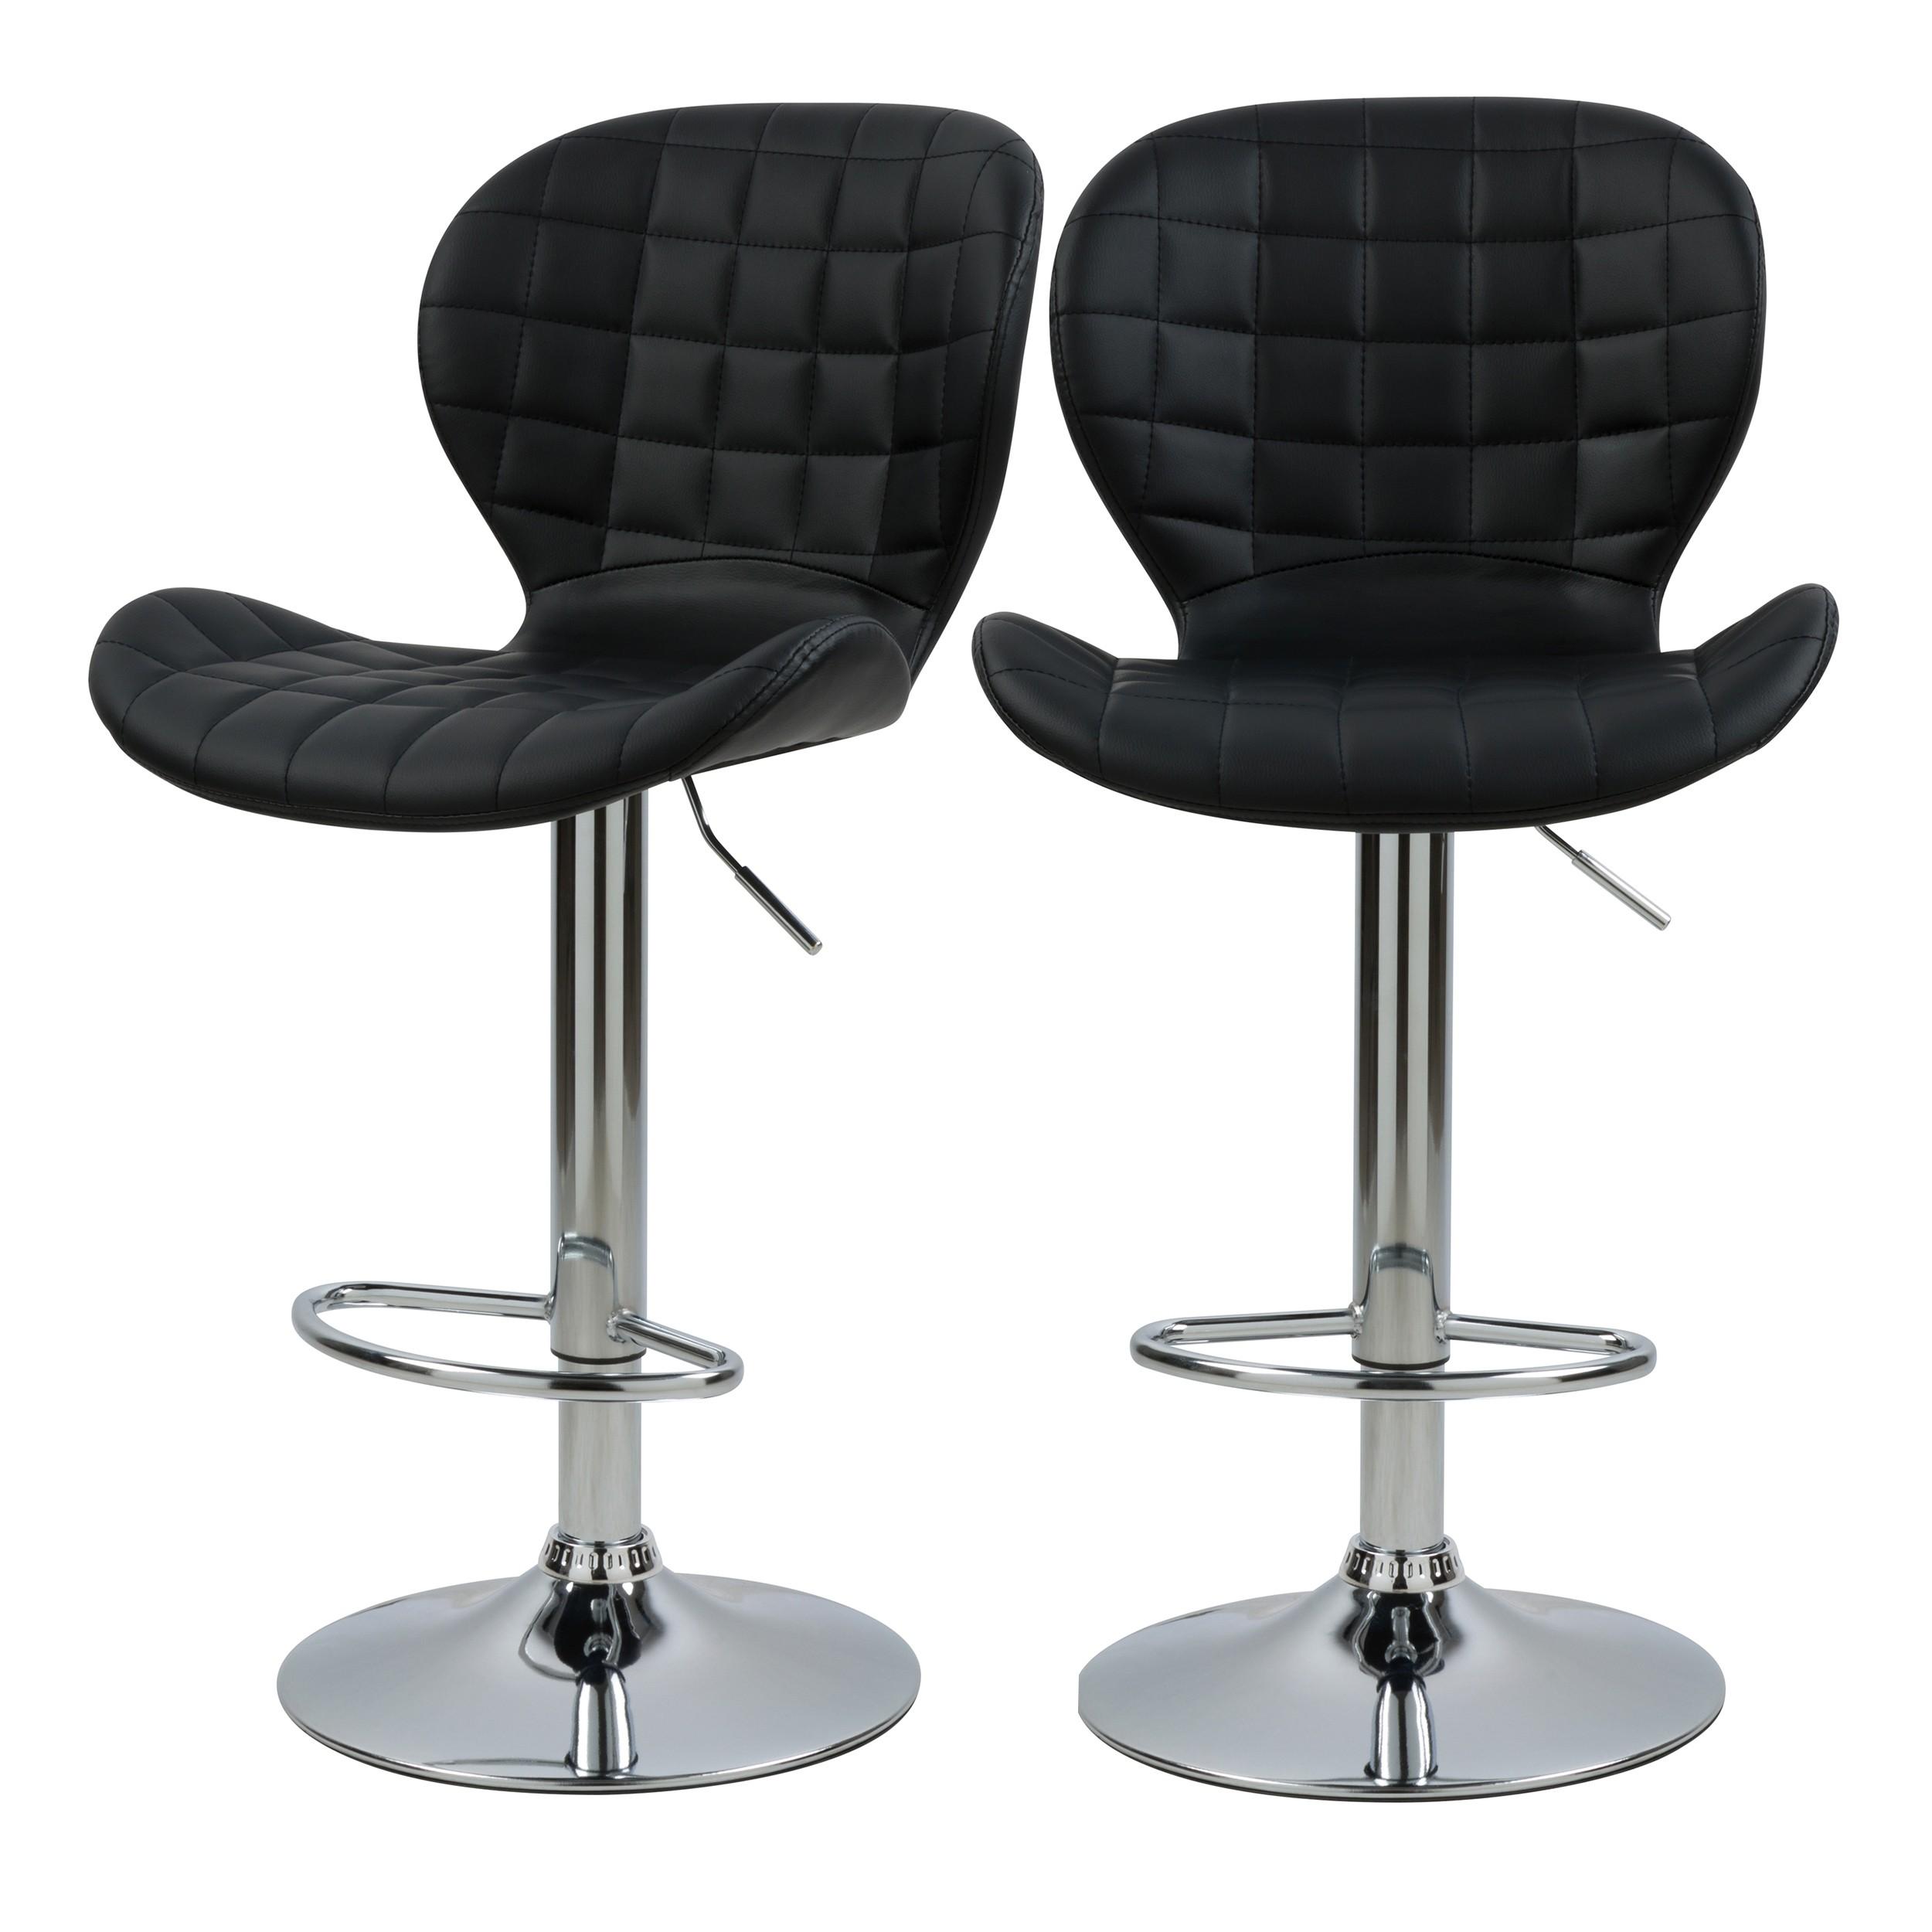 acheter chaise de bar noire en cuir synthetique lot de 2